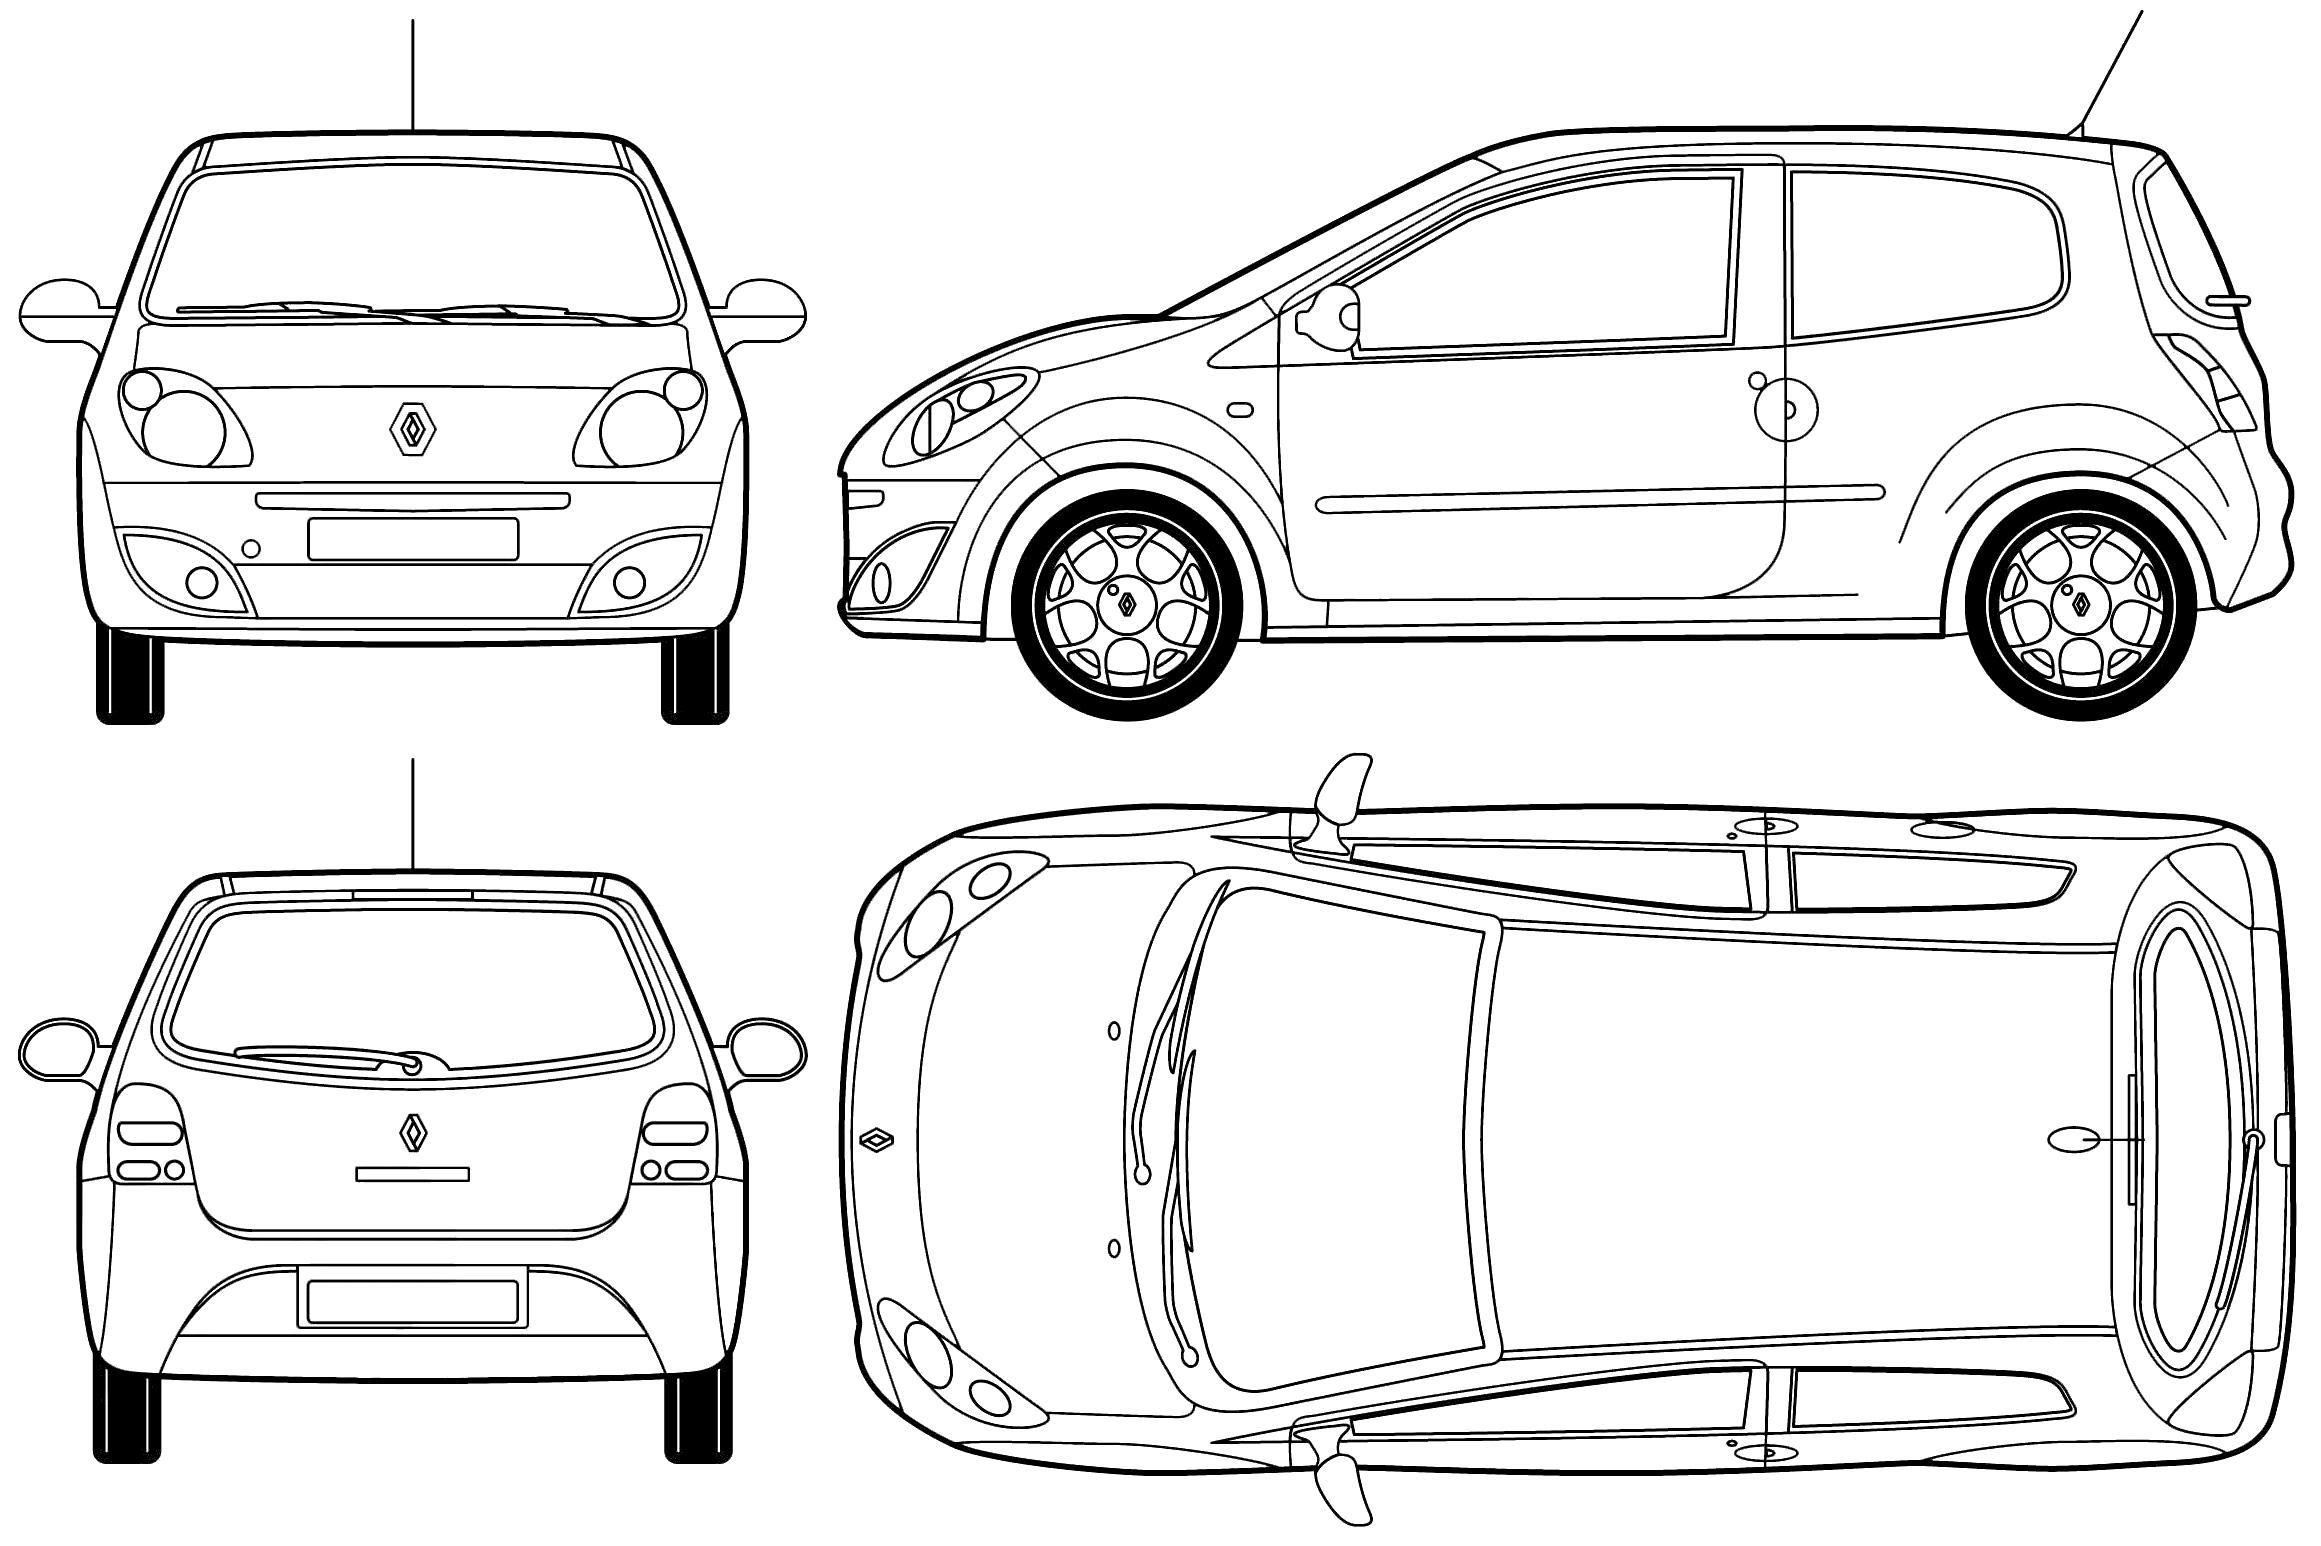 2007 renault twingo ii hatchback blueprints free